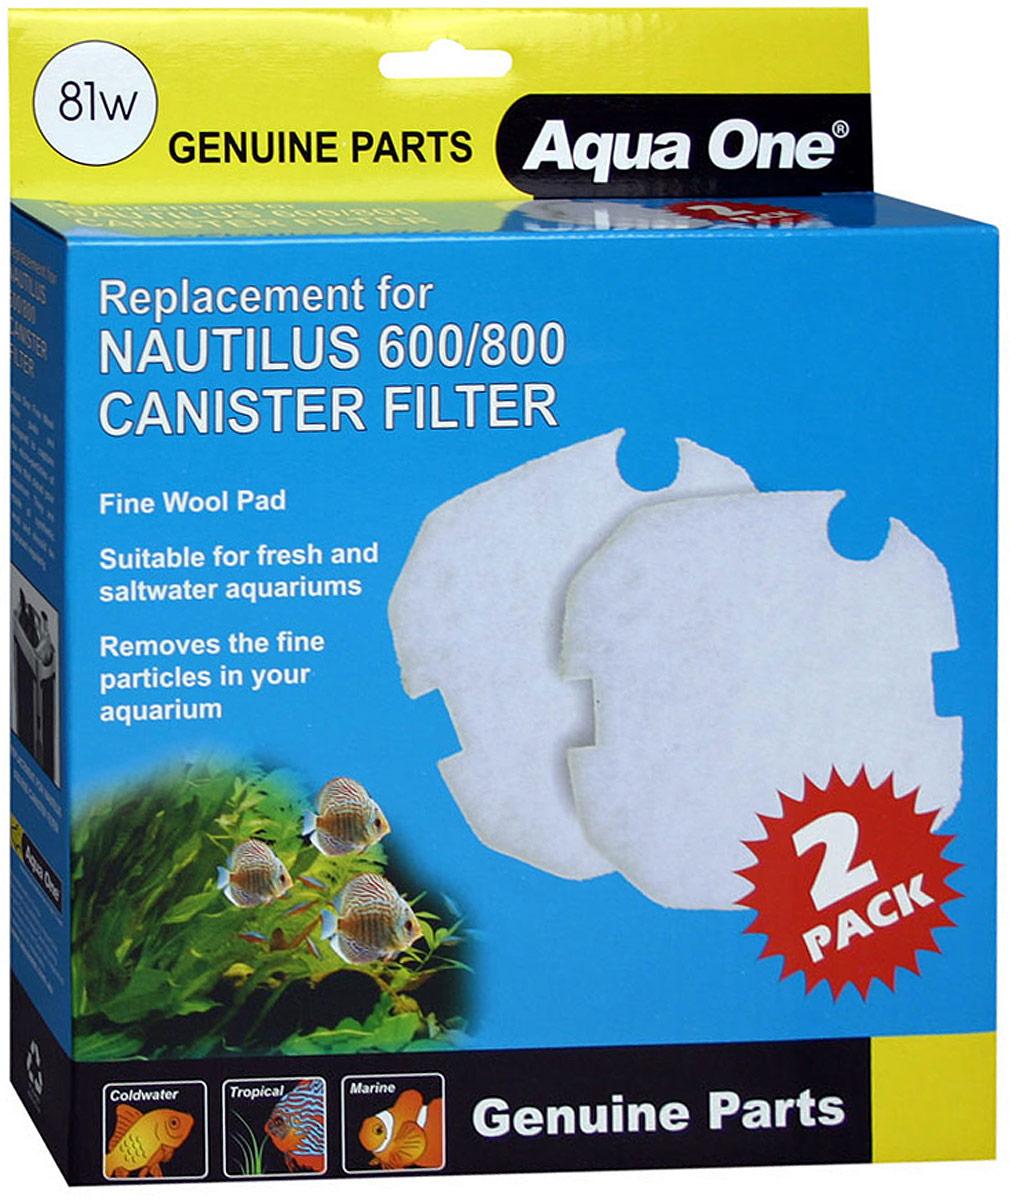 Синтепон Aqua One Nautilus 600/800, для внешних фильтров free shipping 10pcs bt139 800 bt139 600